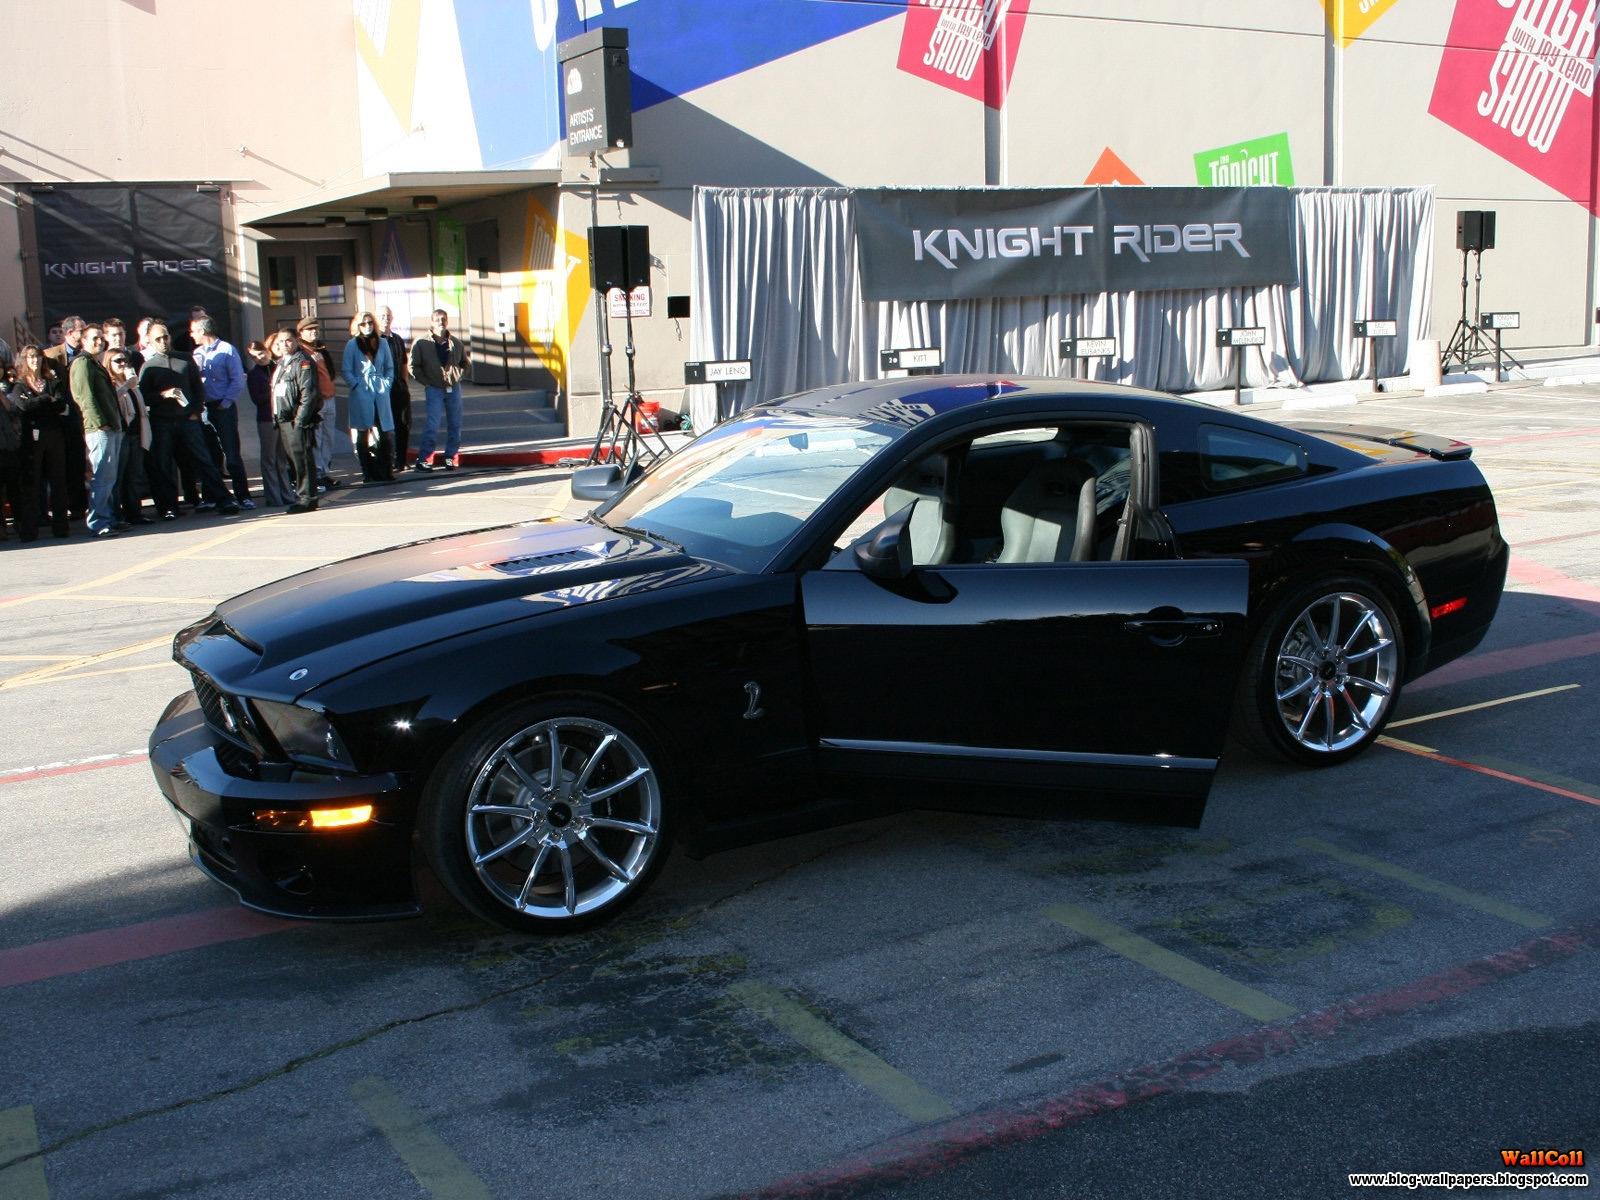 http://2.bp.blogspot.com/-rfgvh2KaT_o/TzFBlUAMz3I/AAAAAAAAAcA/NDgbyfO2zOs/s1600/Shelby_GT500KR_KITT_04.jpg